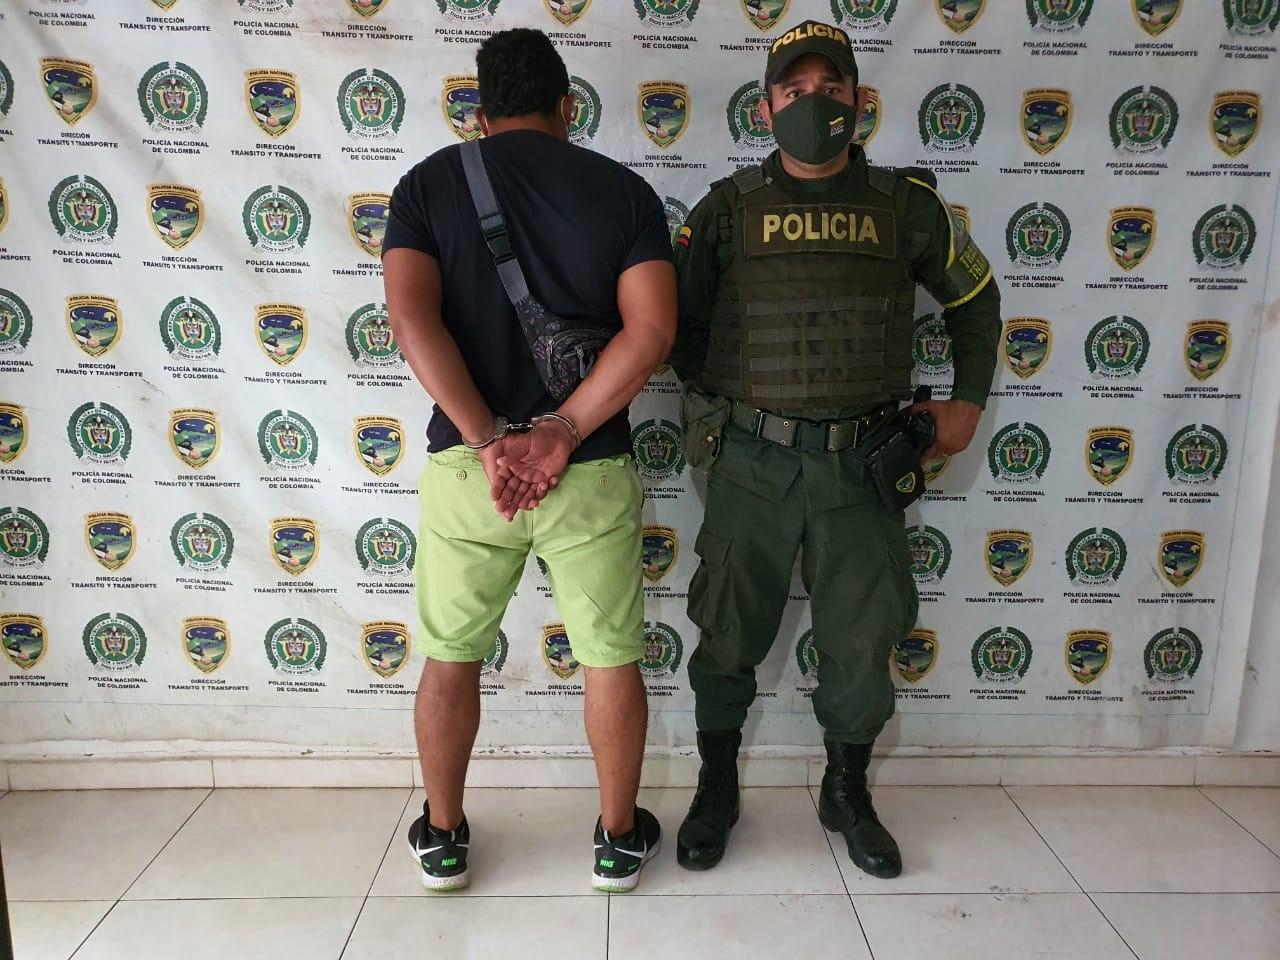 hoyennoticia.com, Capturado en el Cesar hombre buscado en Cartagena